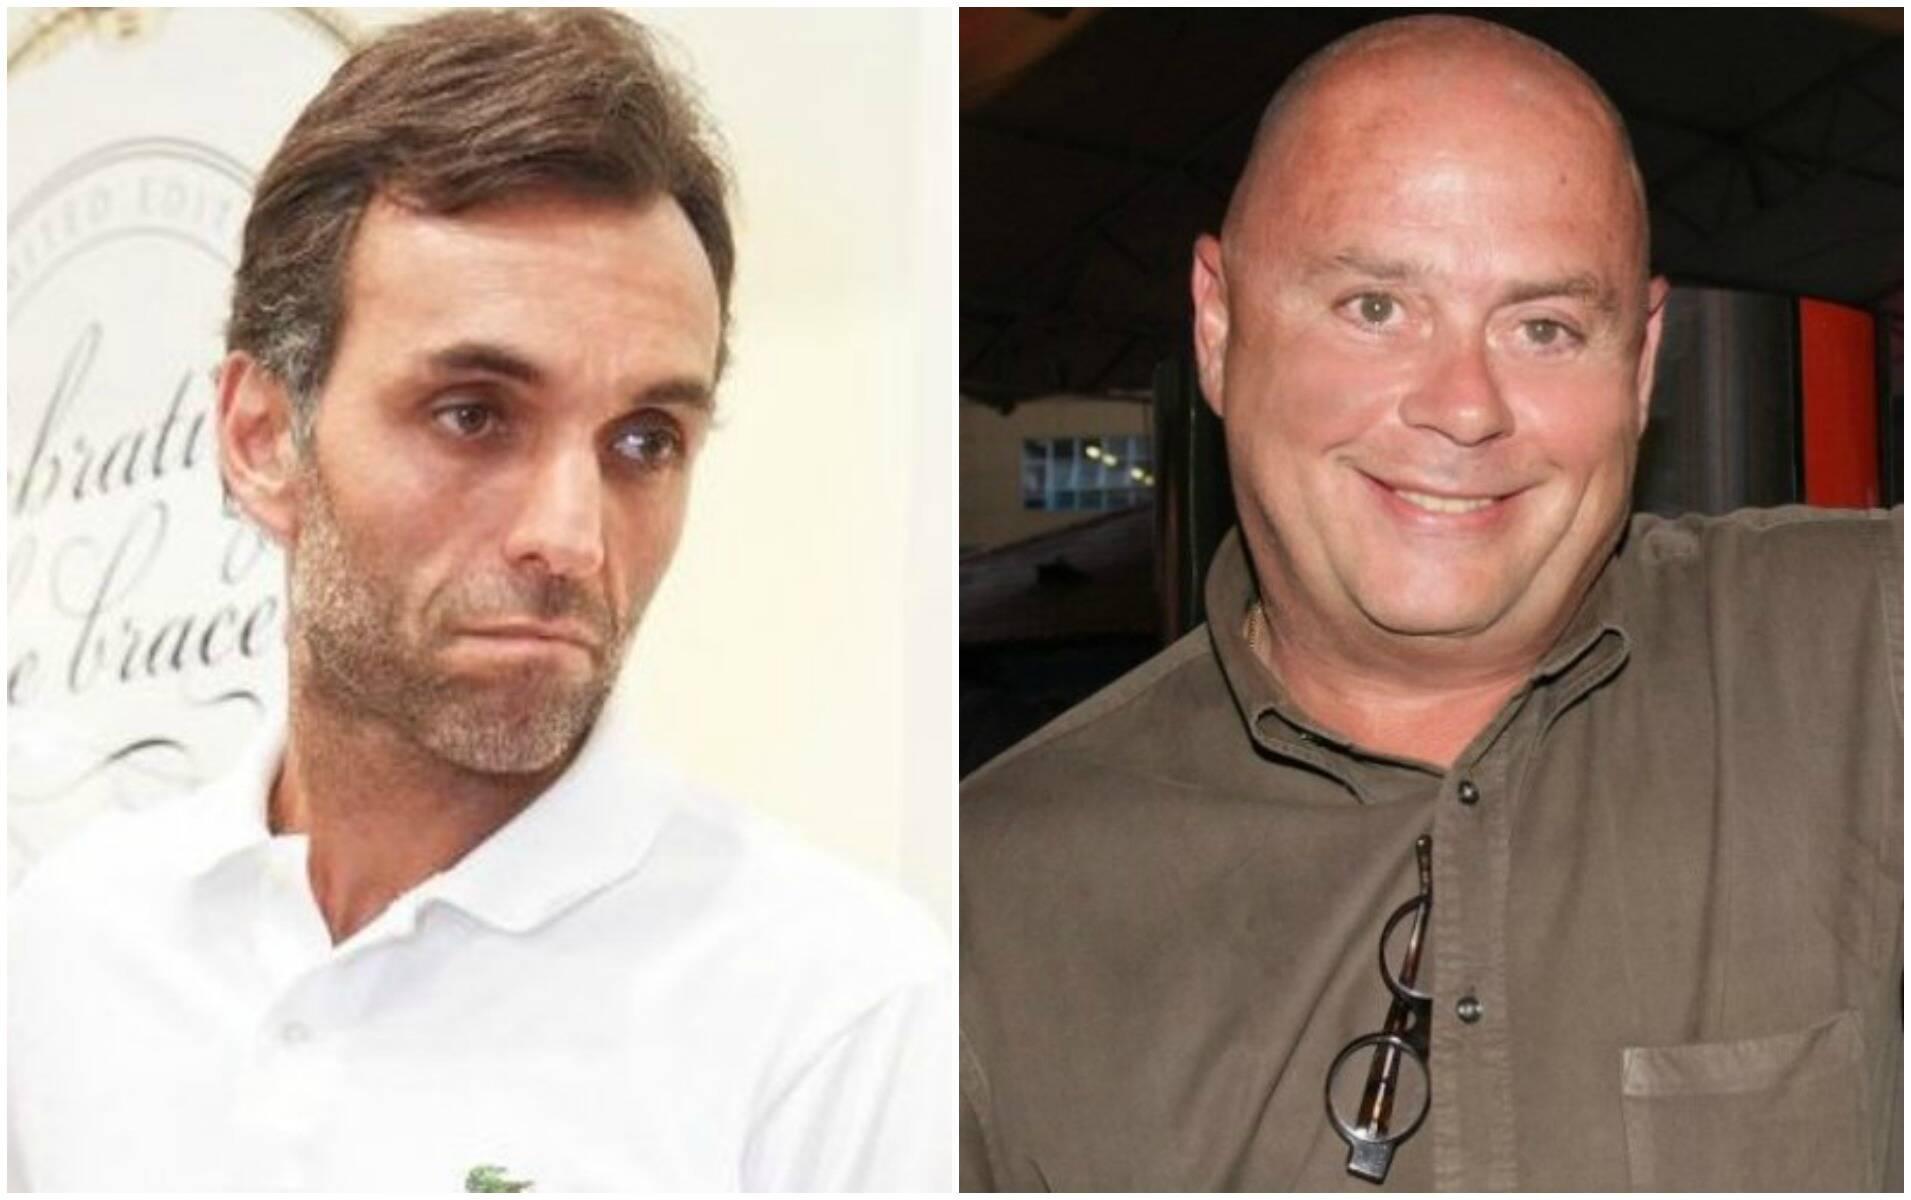 Ike Cruz, empresário de Juliana Paes, e Zé Victor Oliva: temperatura subiu em discussão virtual / Fotos: divulgação